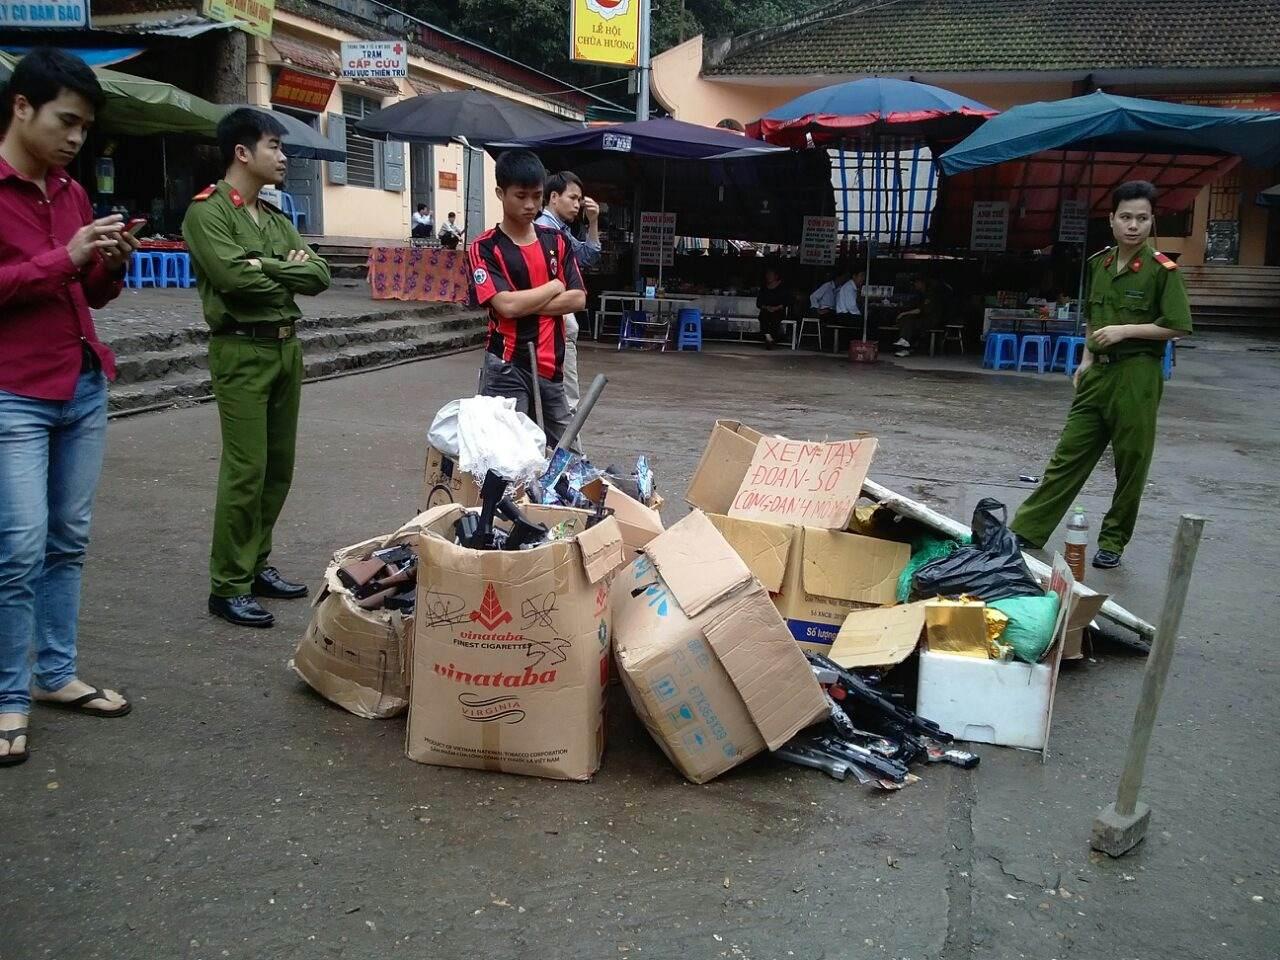 Tiêu hủy hàng nghìn khẩu súng tại lễ hội chùa Hương - Ảnh 1